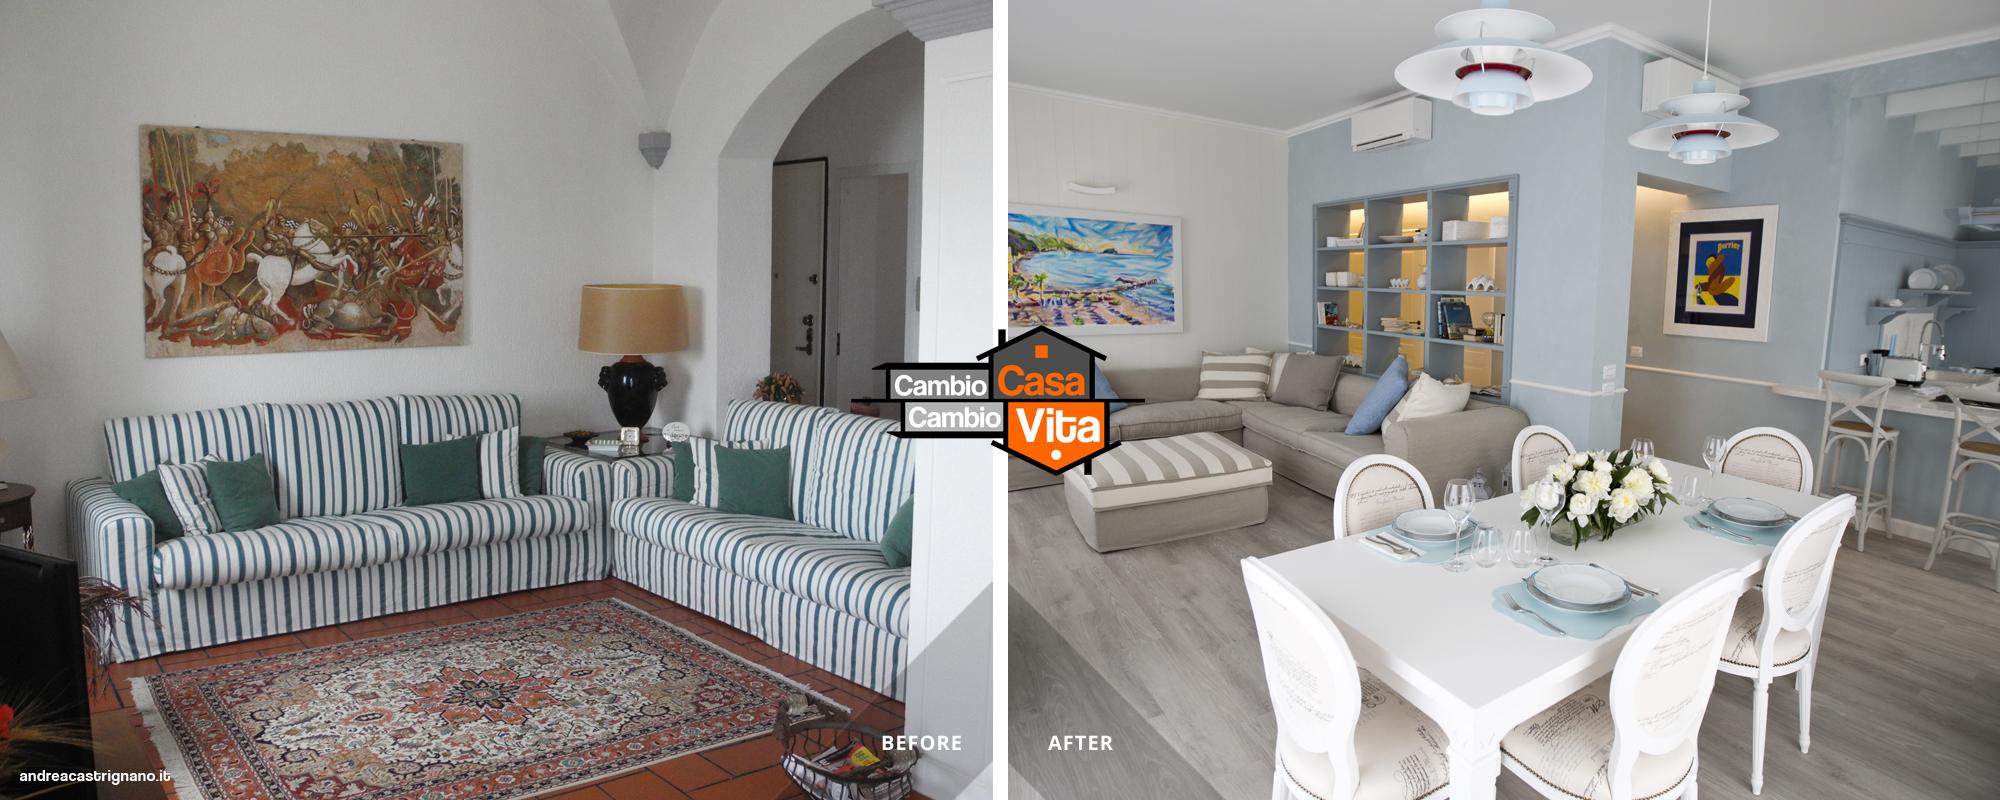 Interesting back il mare dentro casa cambio casa cambio - Cucine per case al mare ...